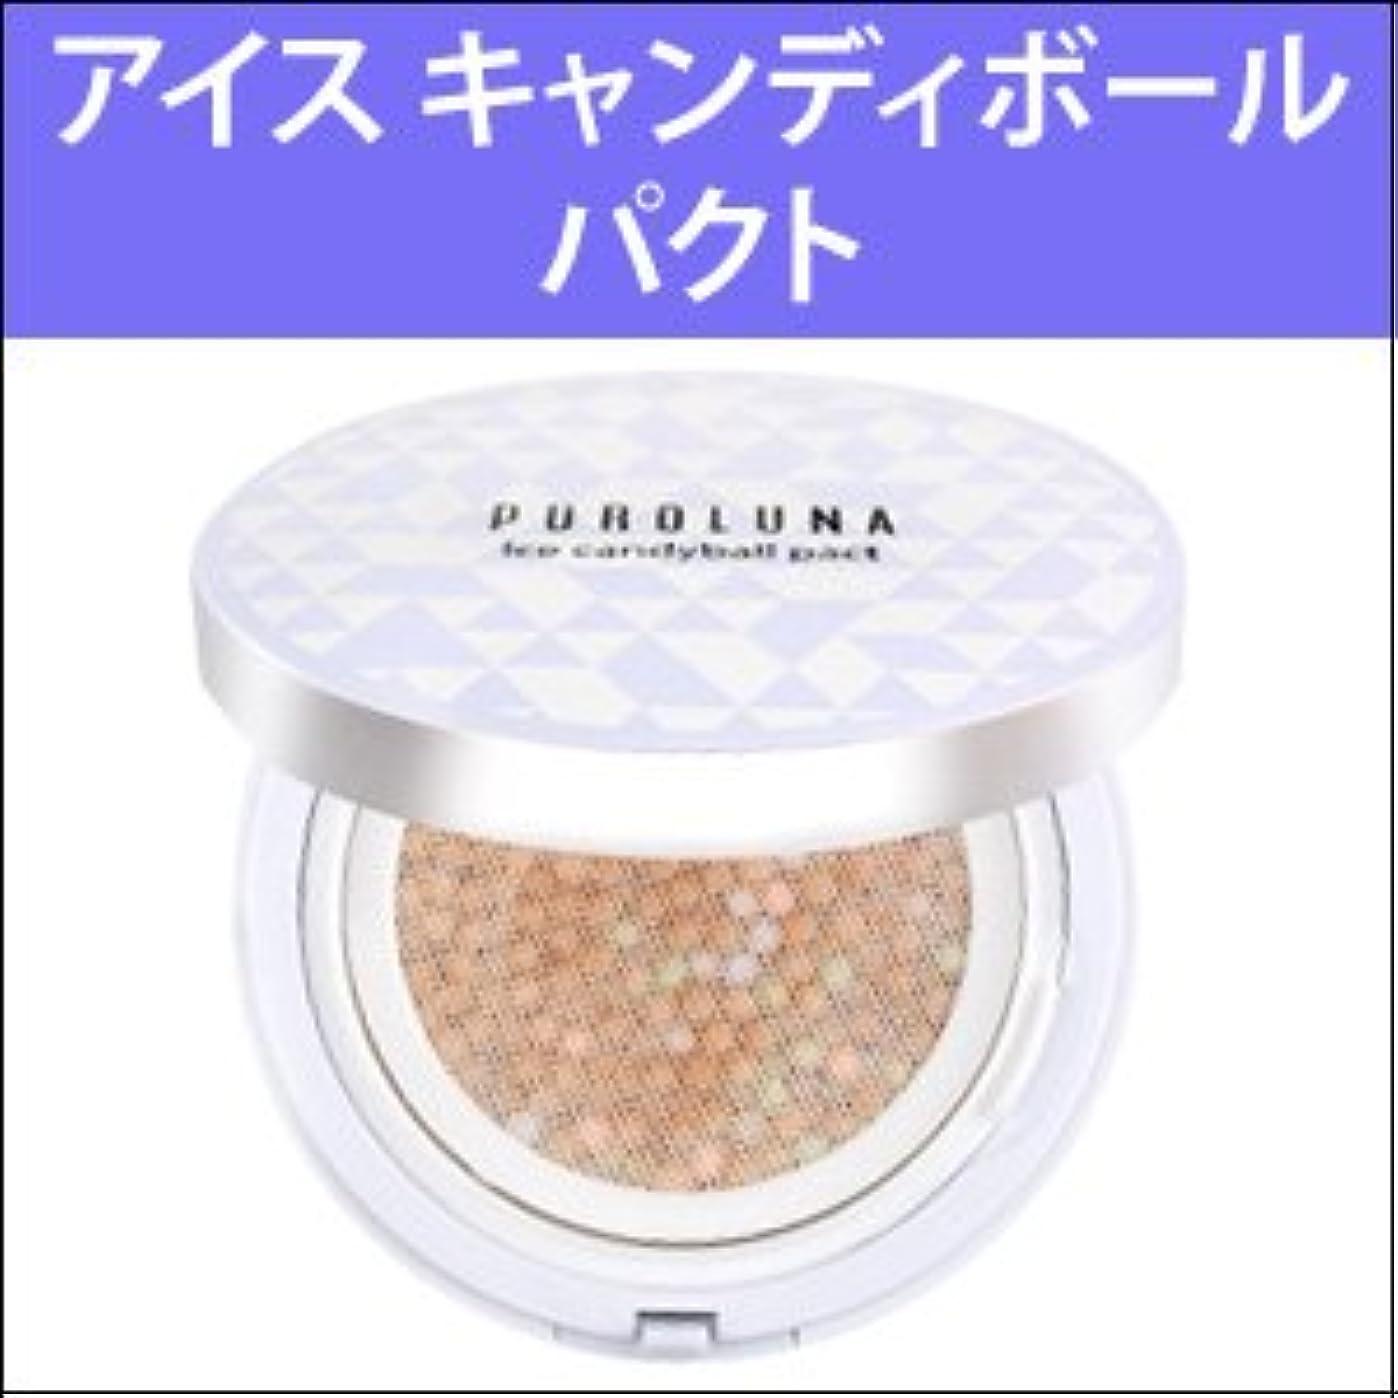 医薬論理的に架空の『PUROLUNA・プロルナ』 アイス キャンディボール パクト(SPF50+/PA+++) カラー:1号 バニラ